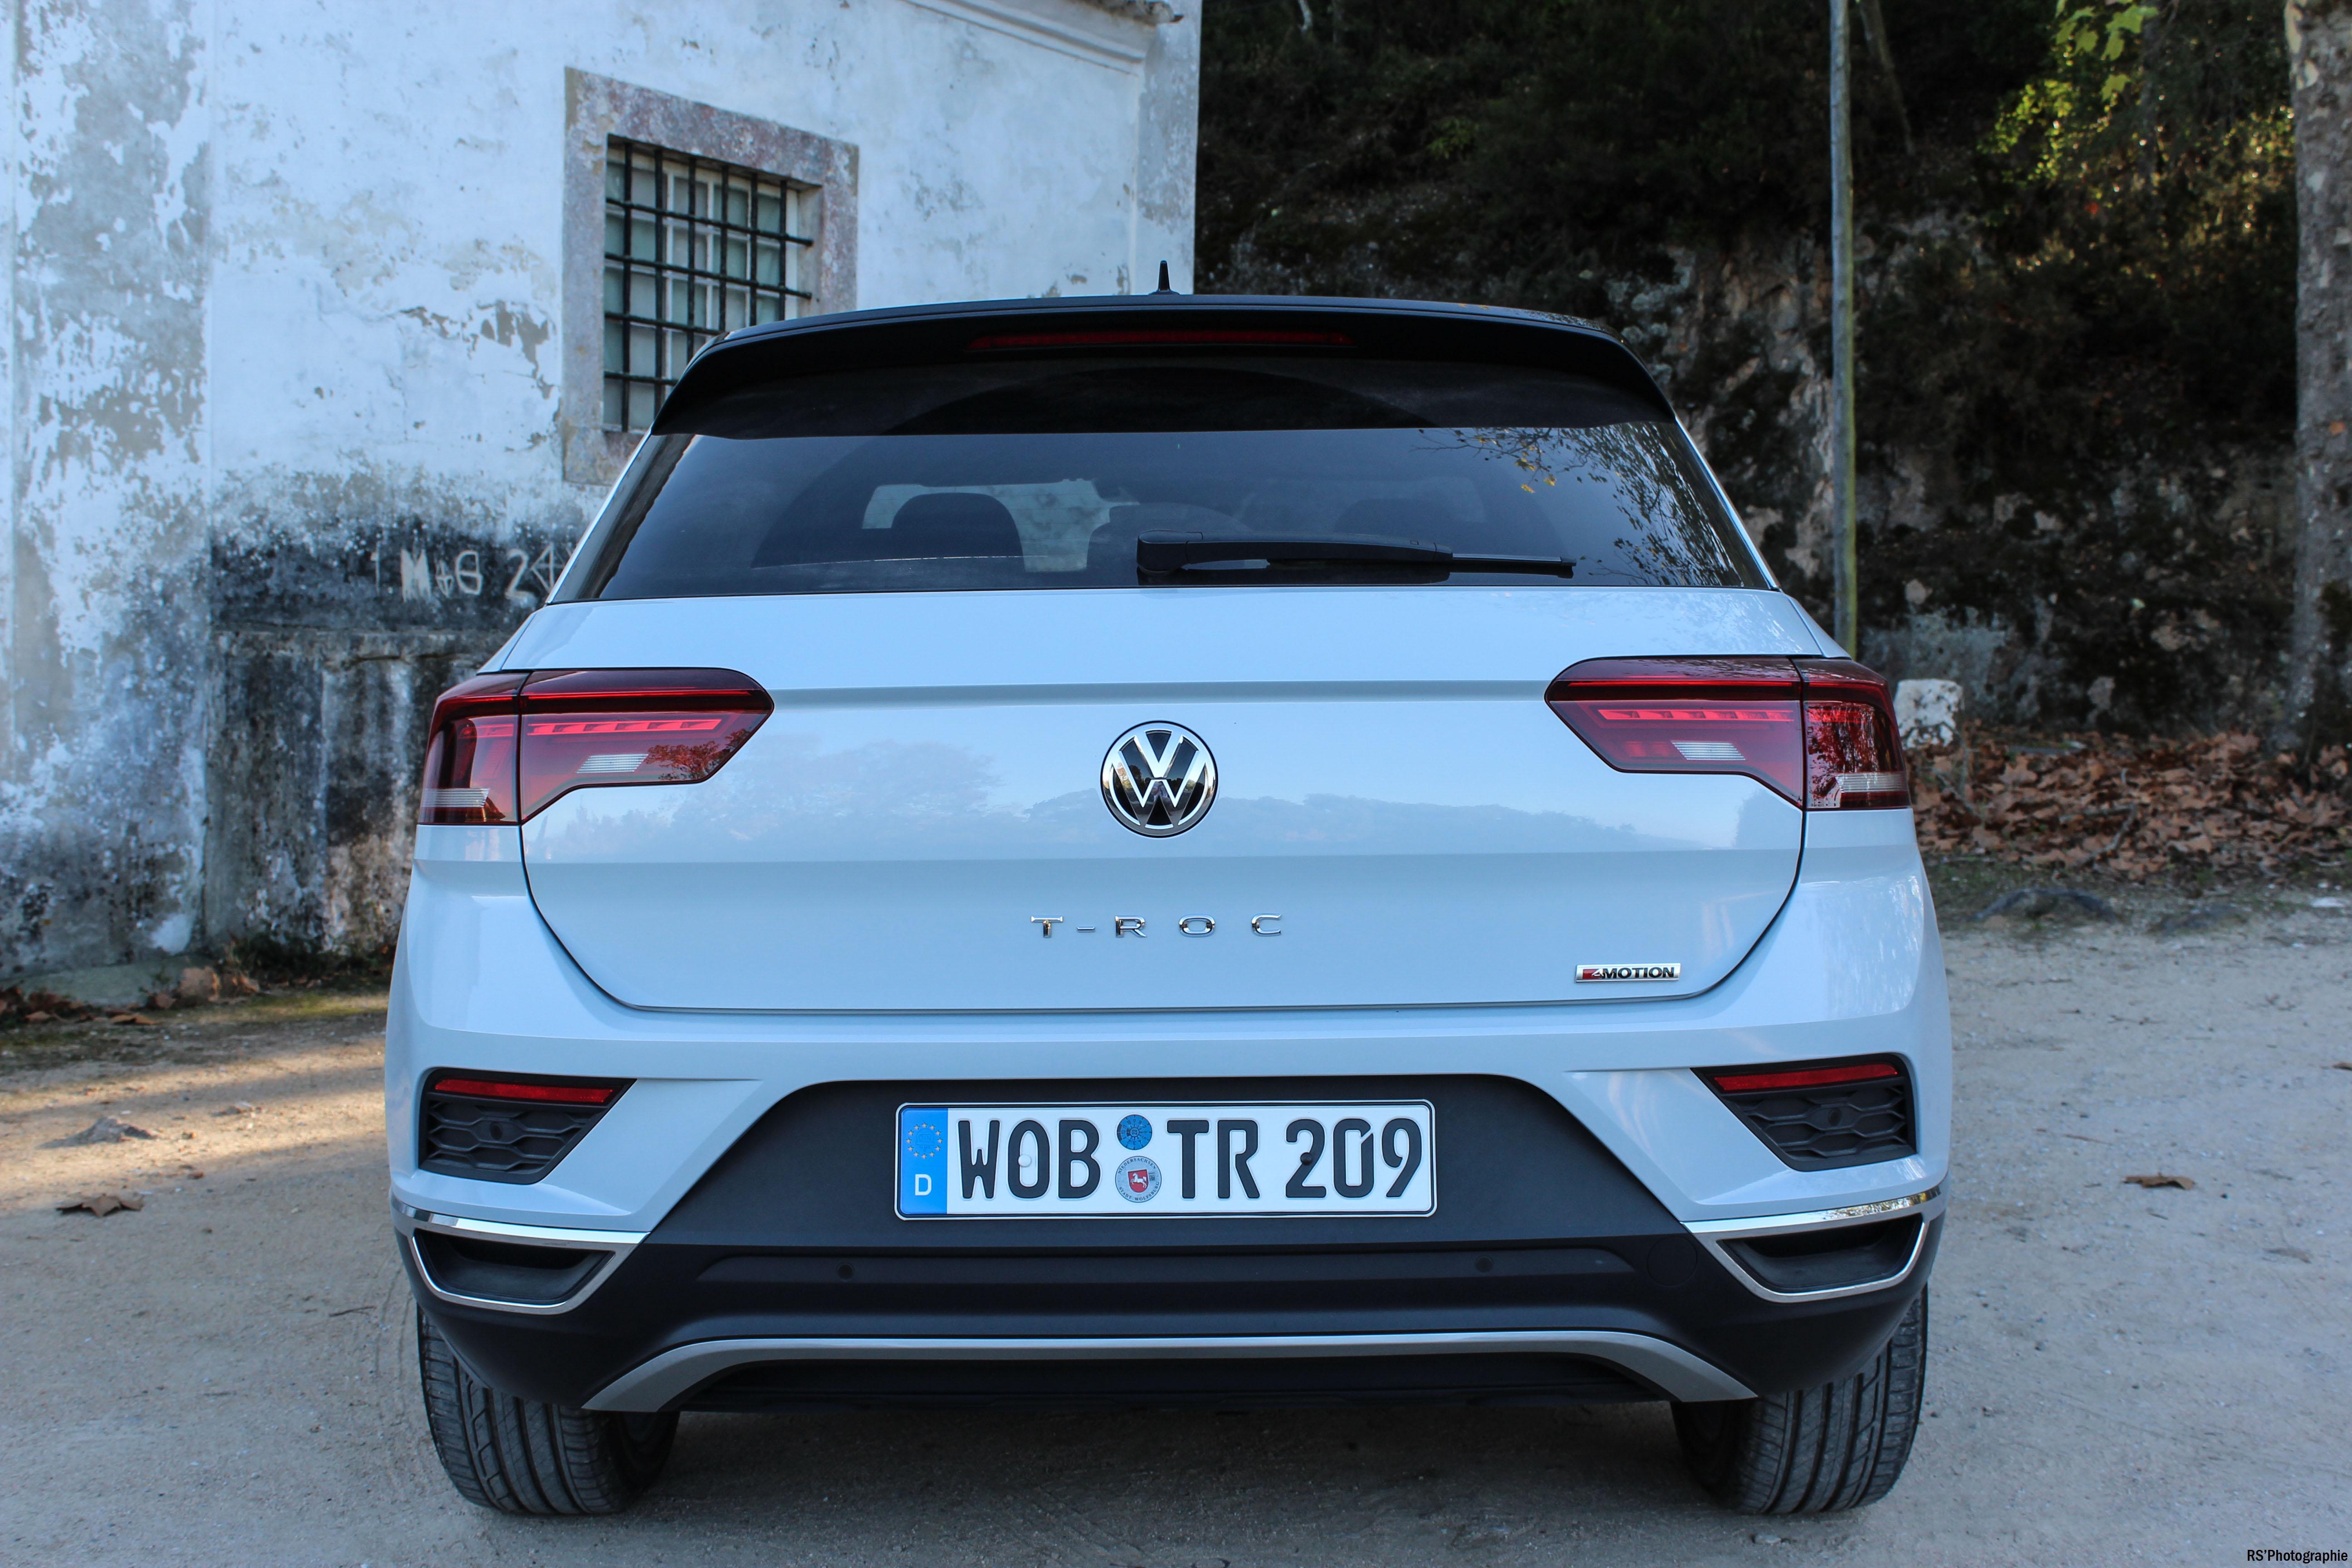 Volkswagentroc25-vw-t-roc-arrière-rear-Arnaud Demasier-RSPhotographie